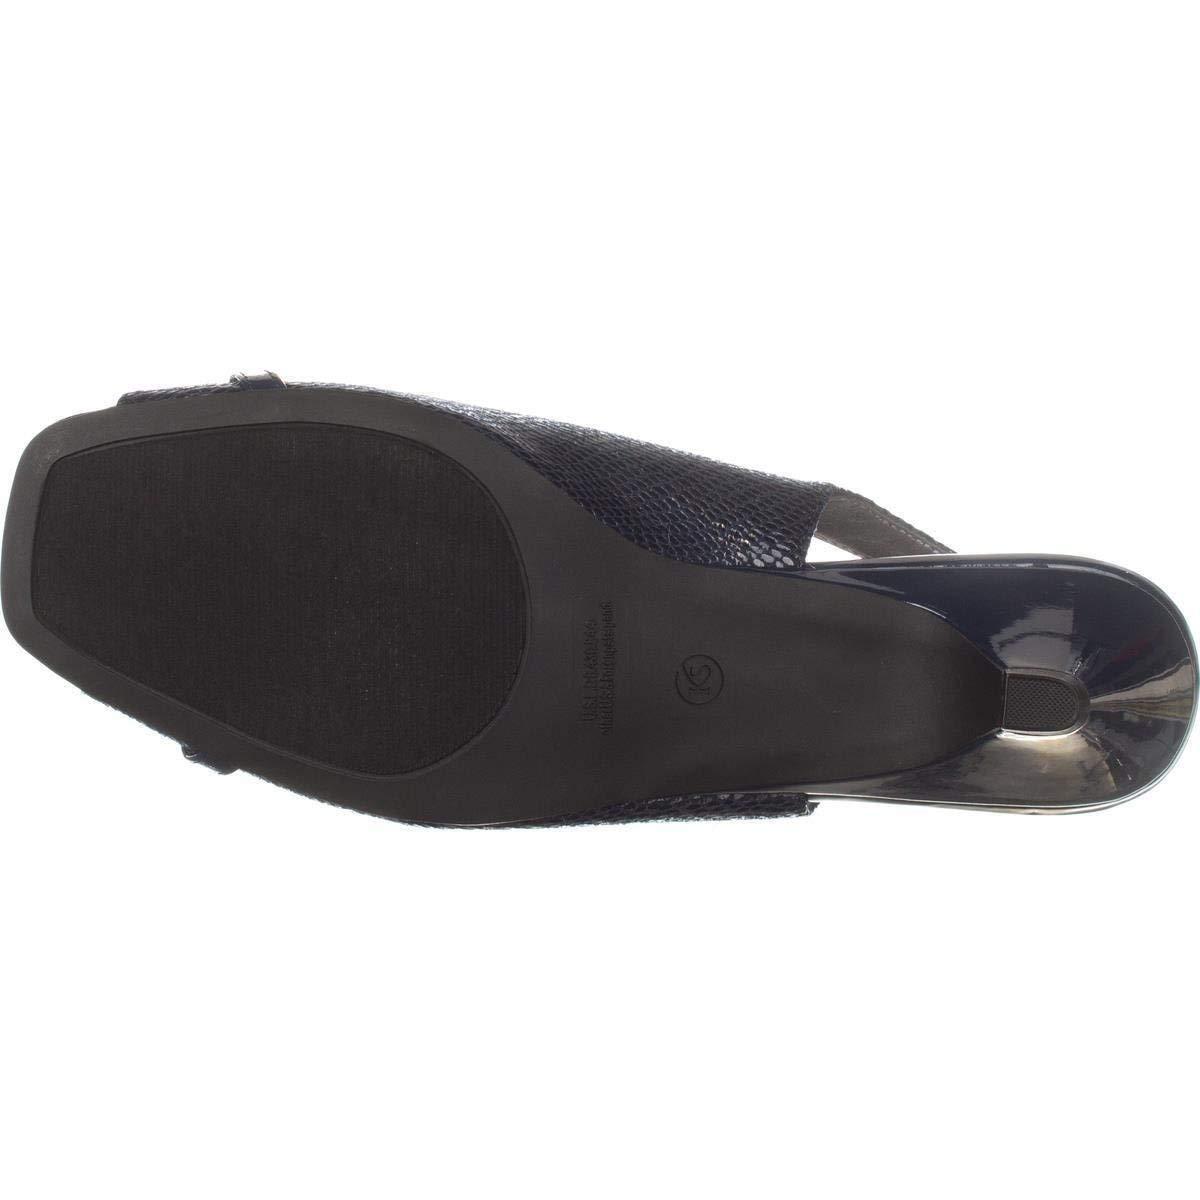 d756f8ef9da Karen Scott Womens Anyaa Open Toe Casual Slingback Sandals